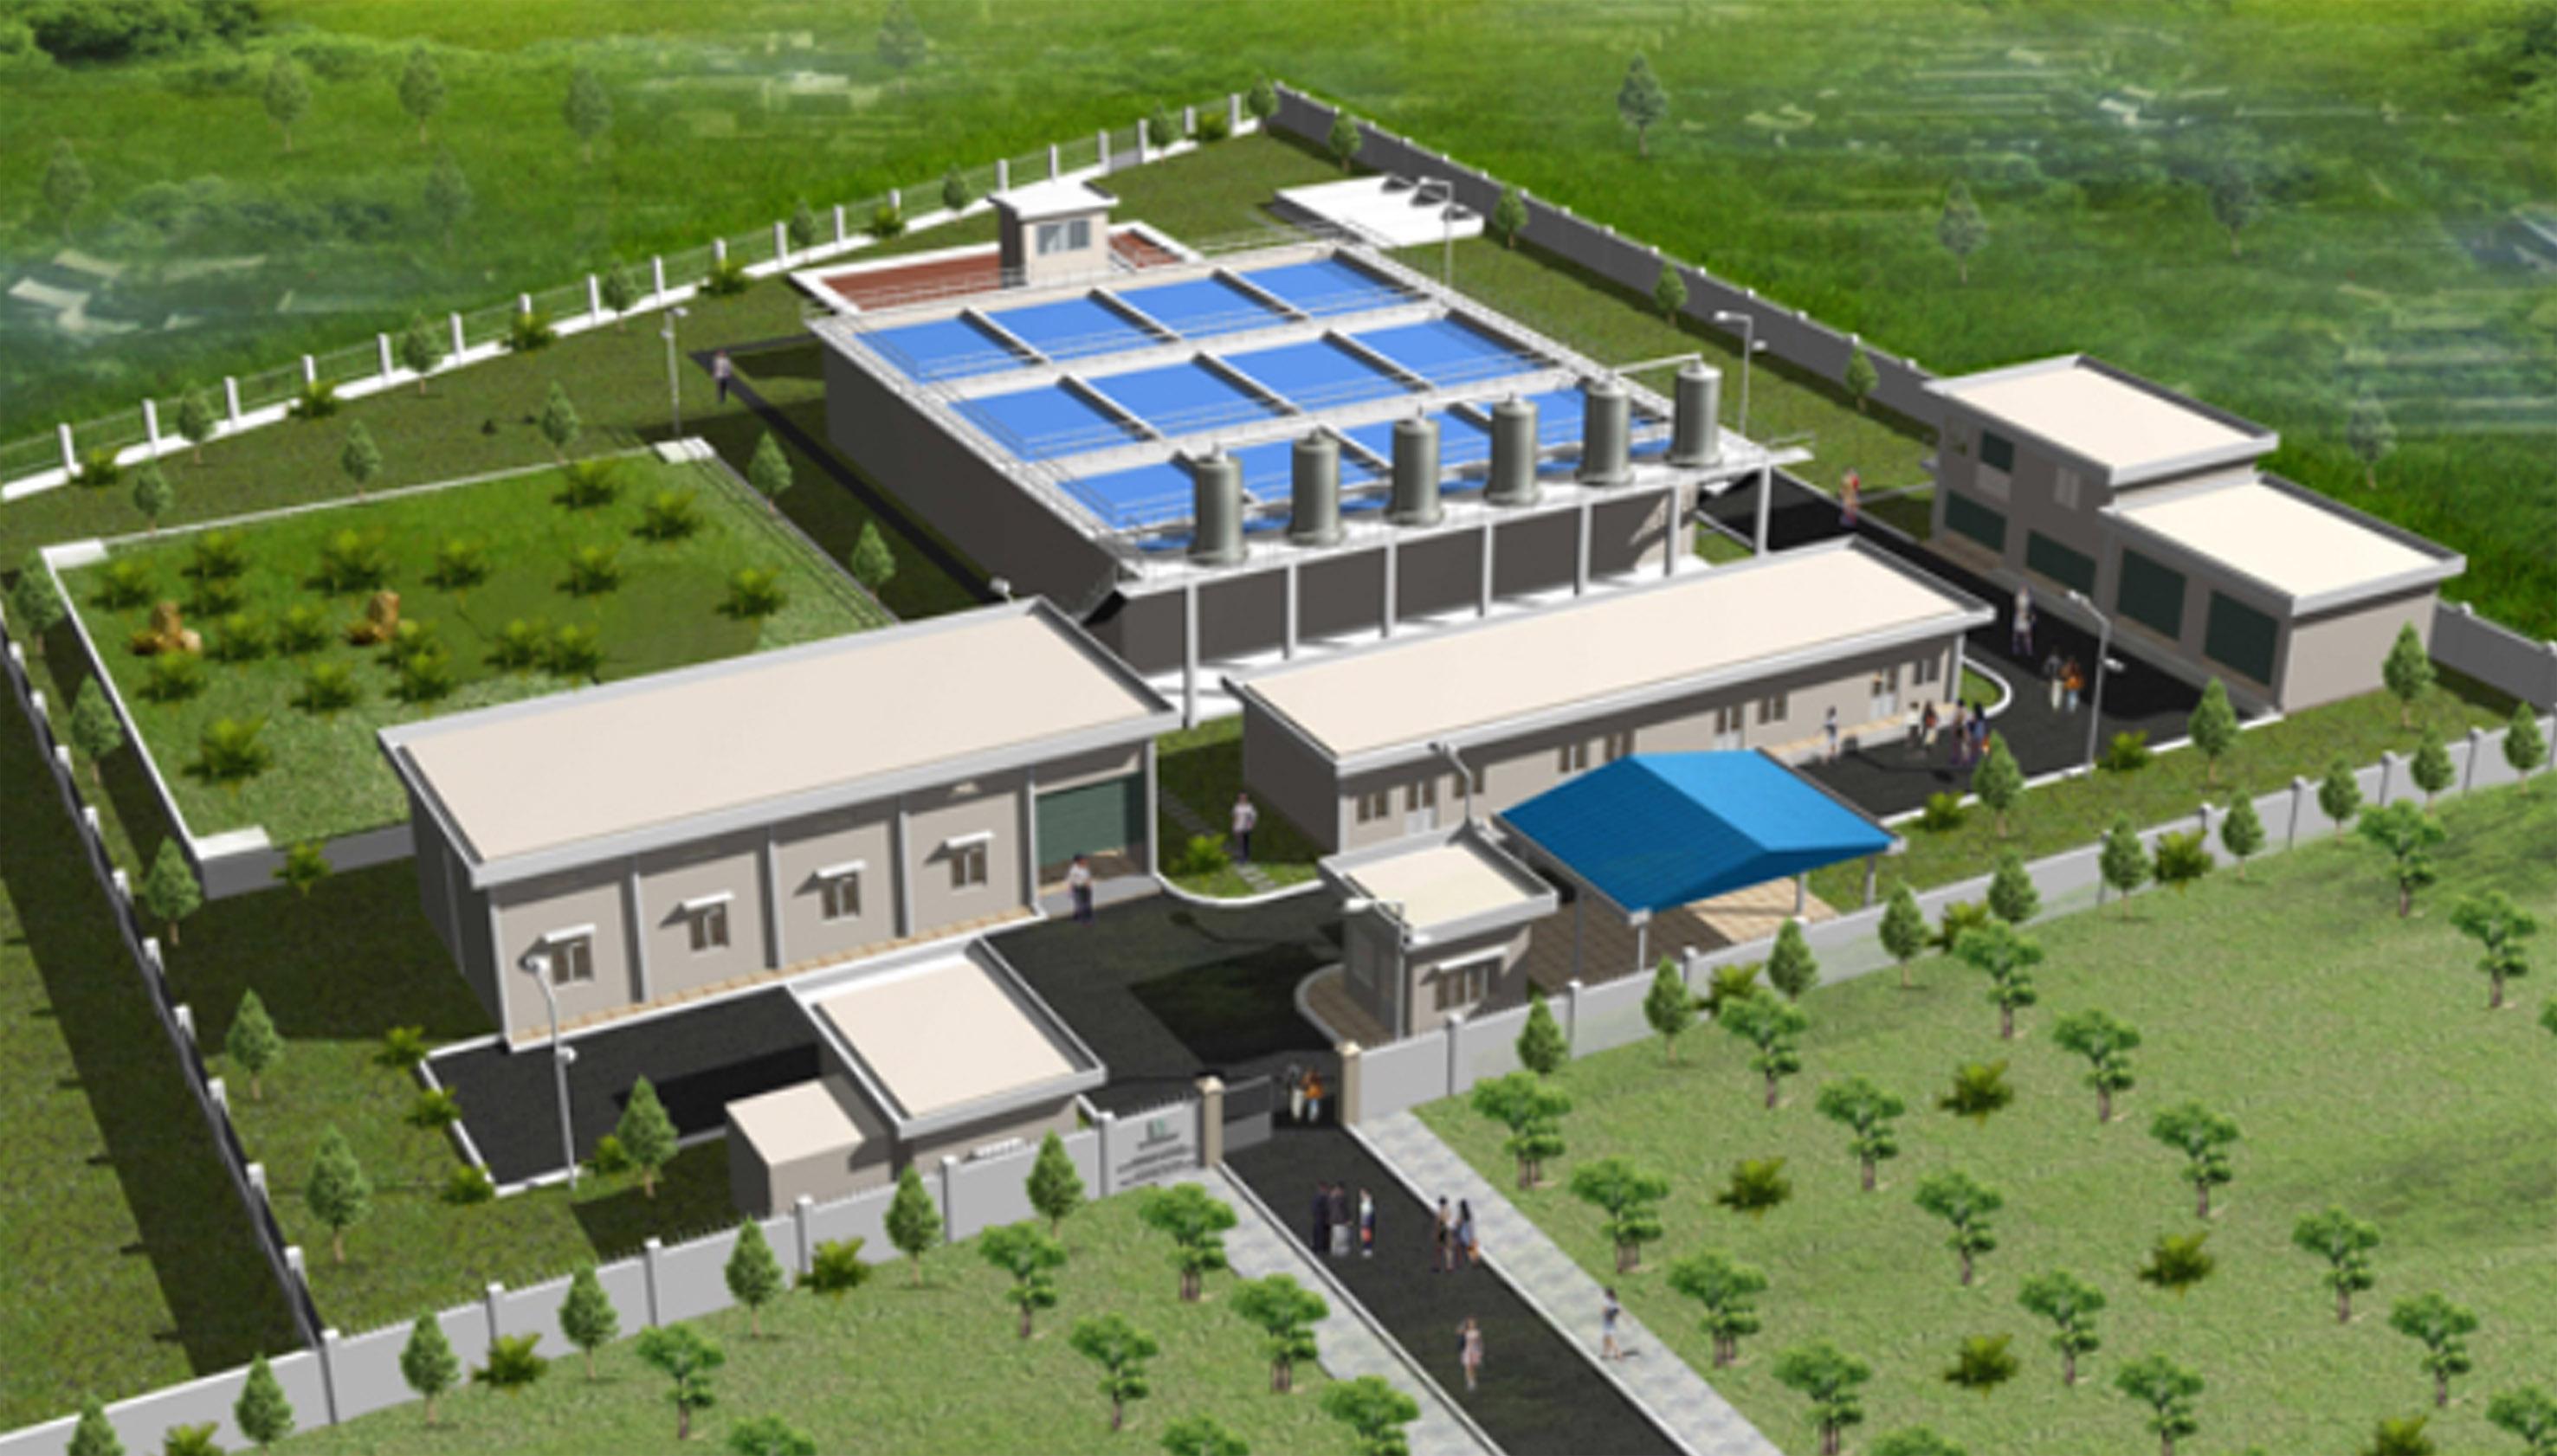 xây dựng nhà máy trái phép trên đất nông nghiệp.